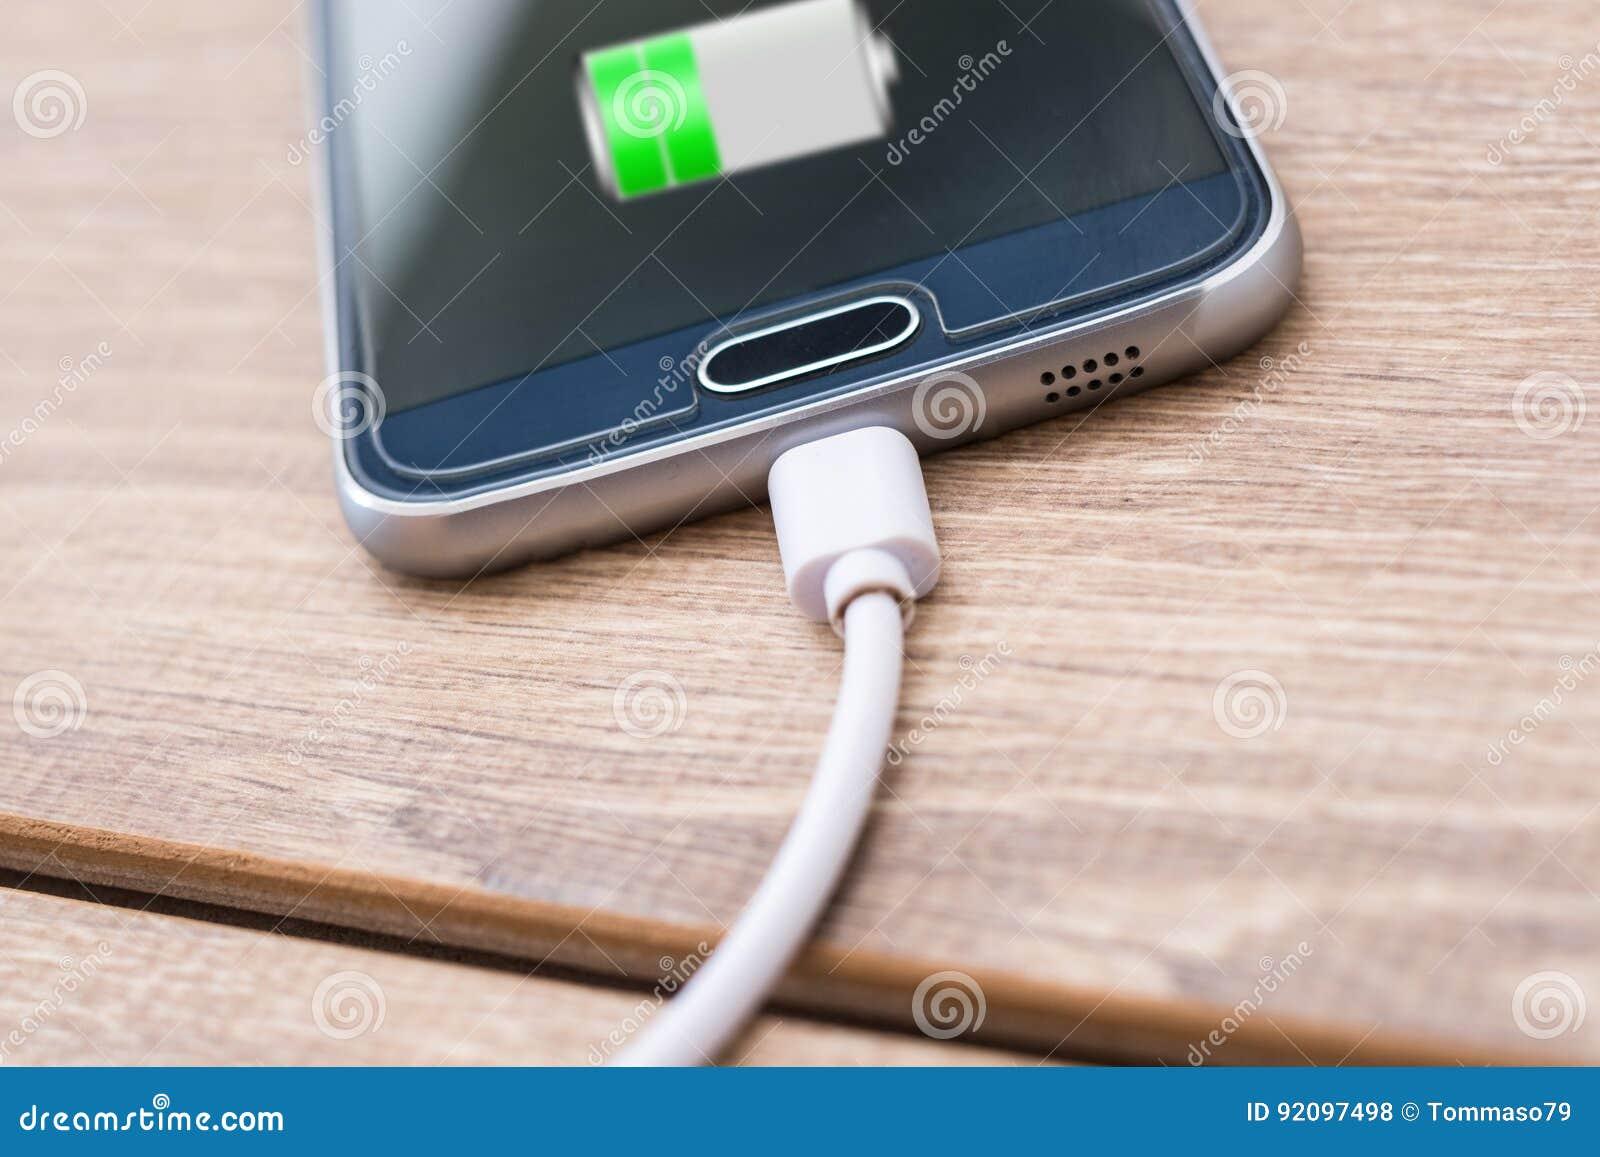 Заряжатель мобильного телефона и батареи привязывает на столе офиса